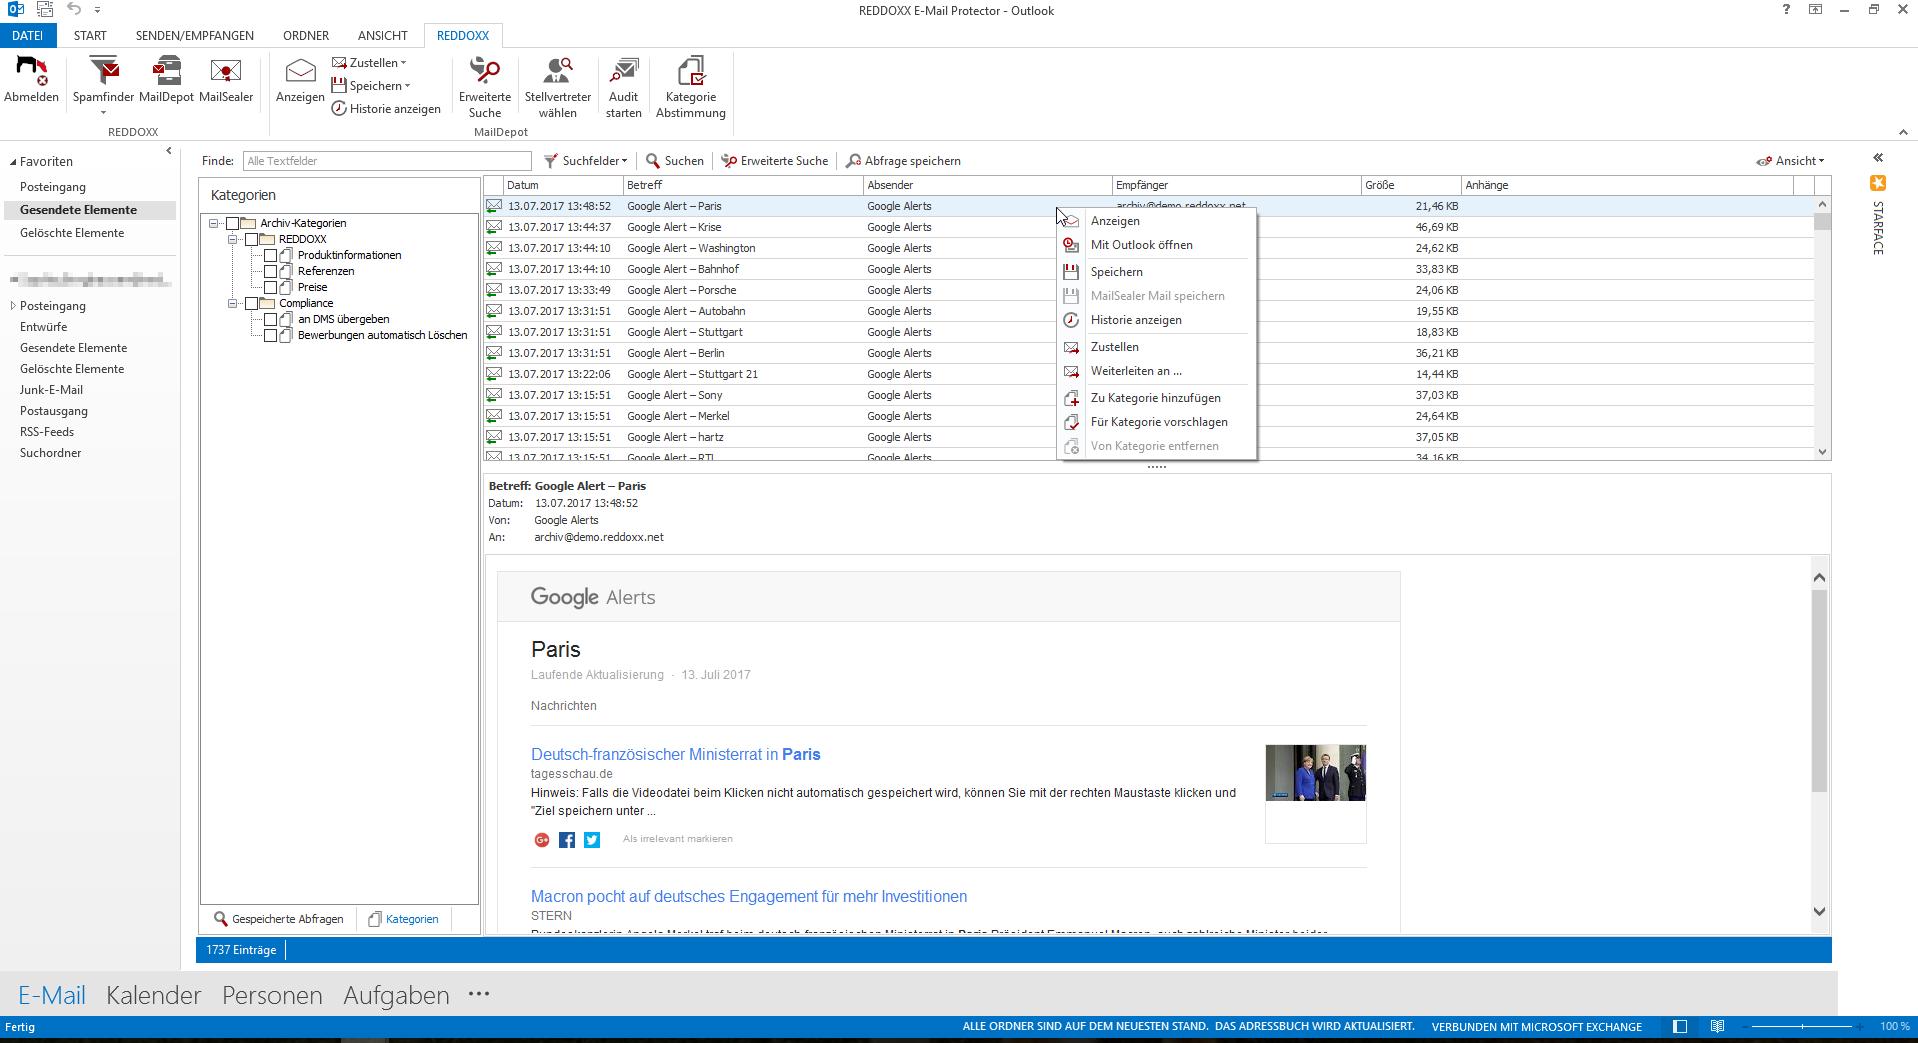 Outlook Plug-In